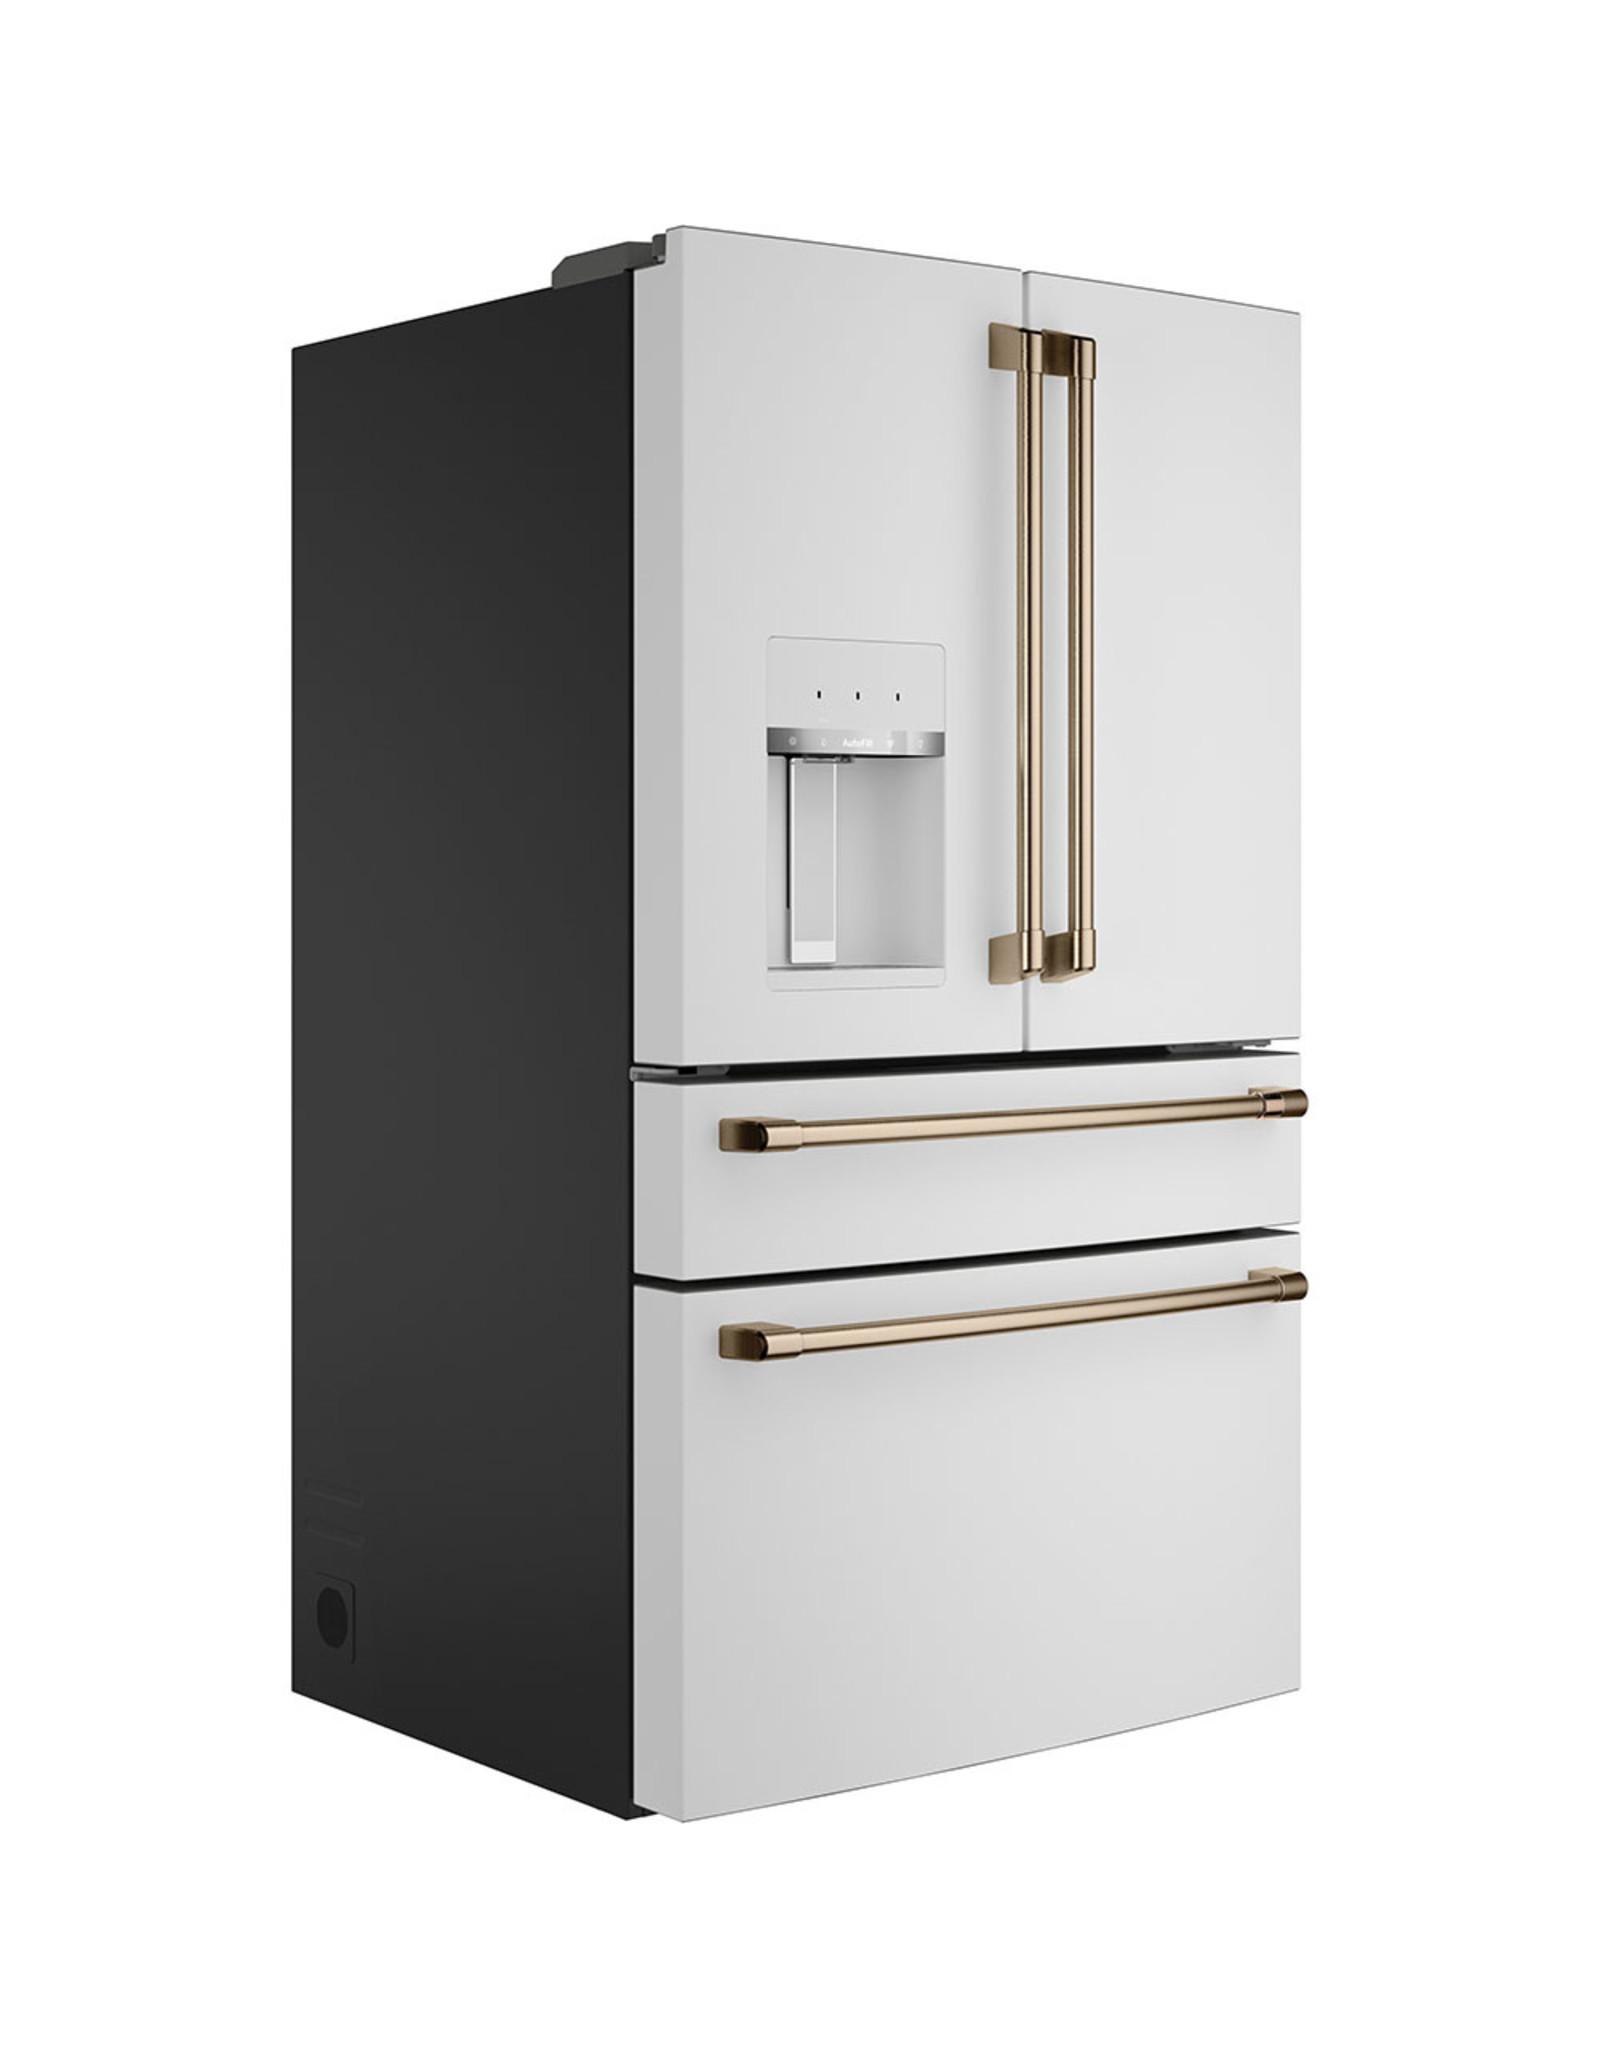 Cafe' CVE28DP4NW2 27.8 cu. ft. Smart 4-Door French Door Refrigerator in Matte White, Fingerprint Resistant and ENERGY STAR